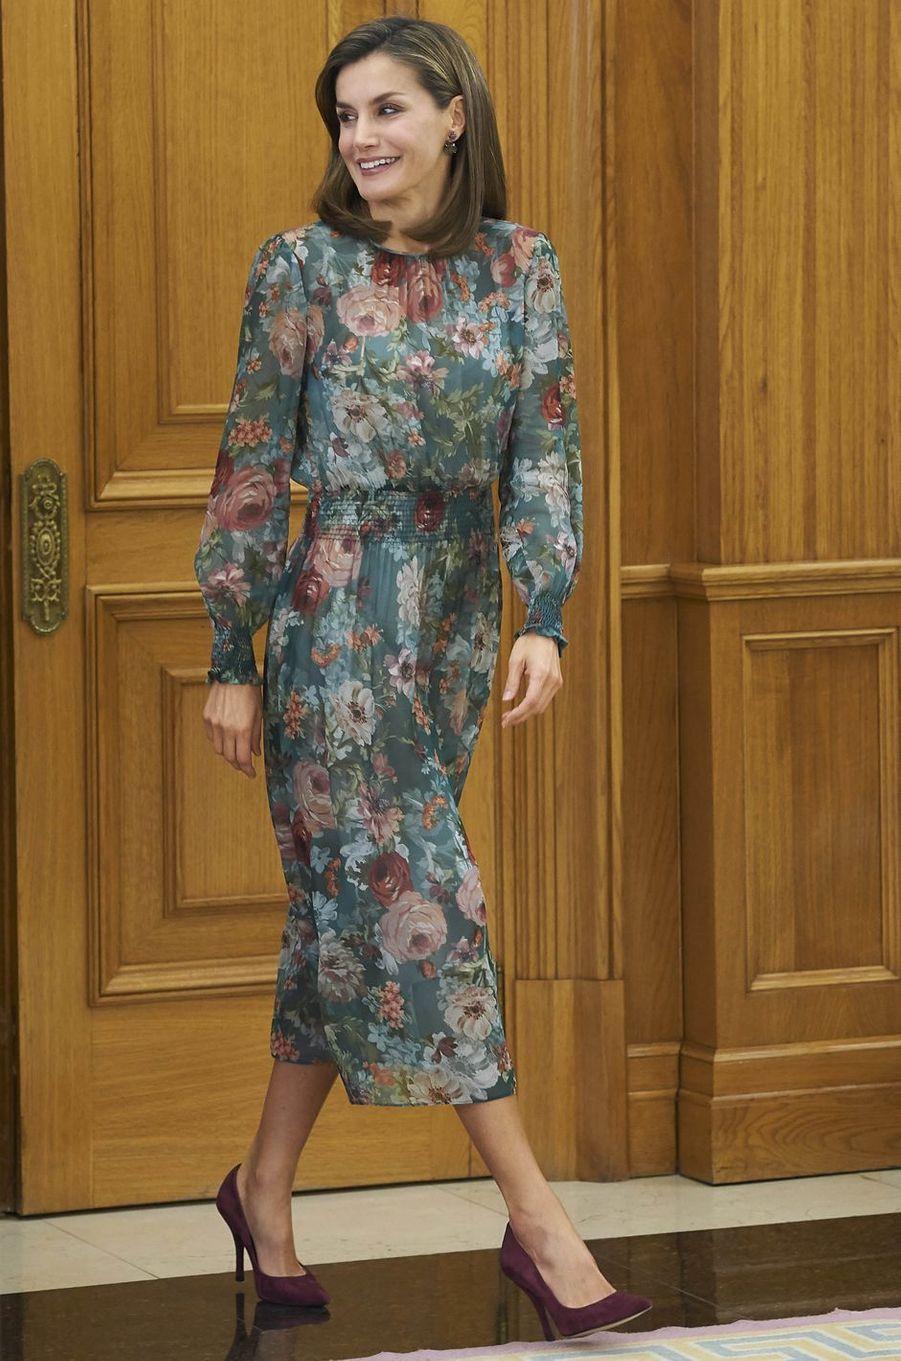 La reine Letizia d'Espagne en Zara, à Madrid le 17 octobre 2017